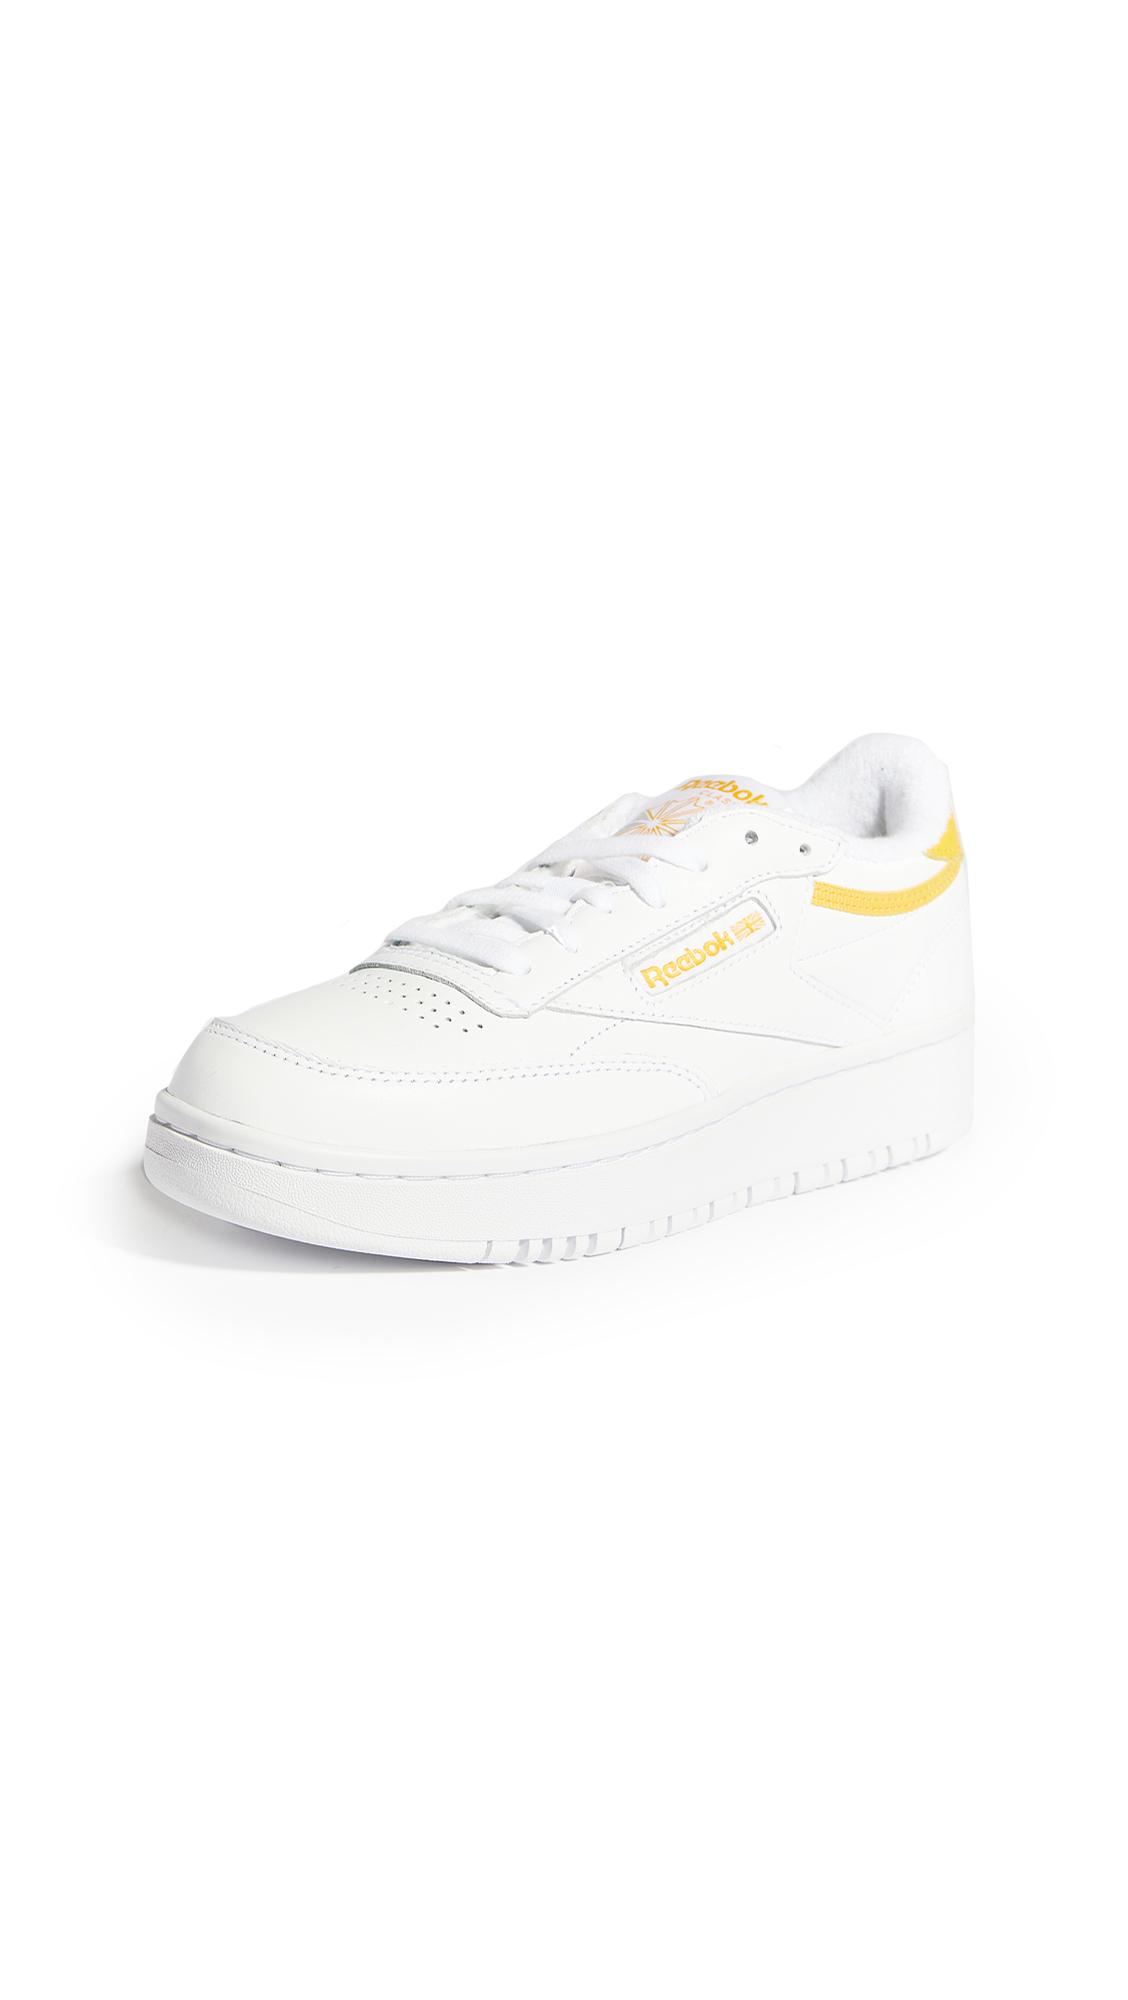 Buy Reebok Club C Double Lace Up Sneakers online, shop Reebok